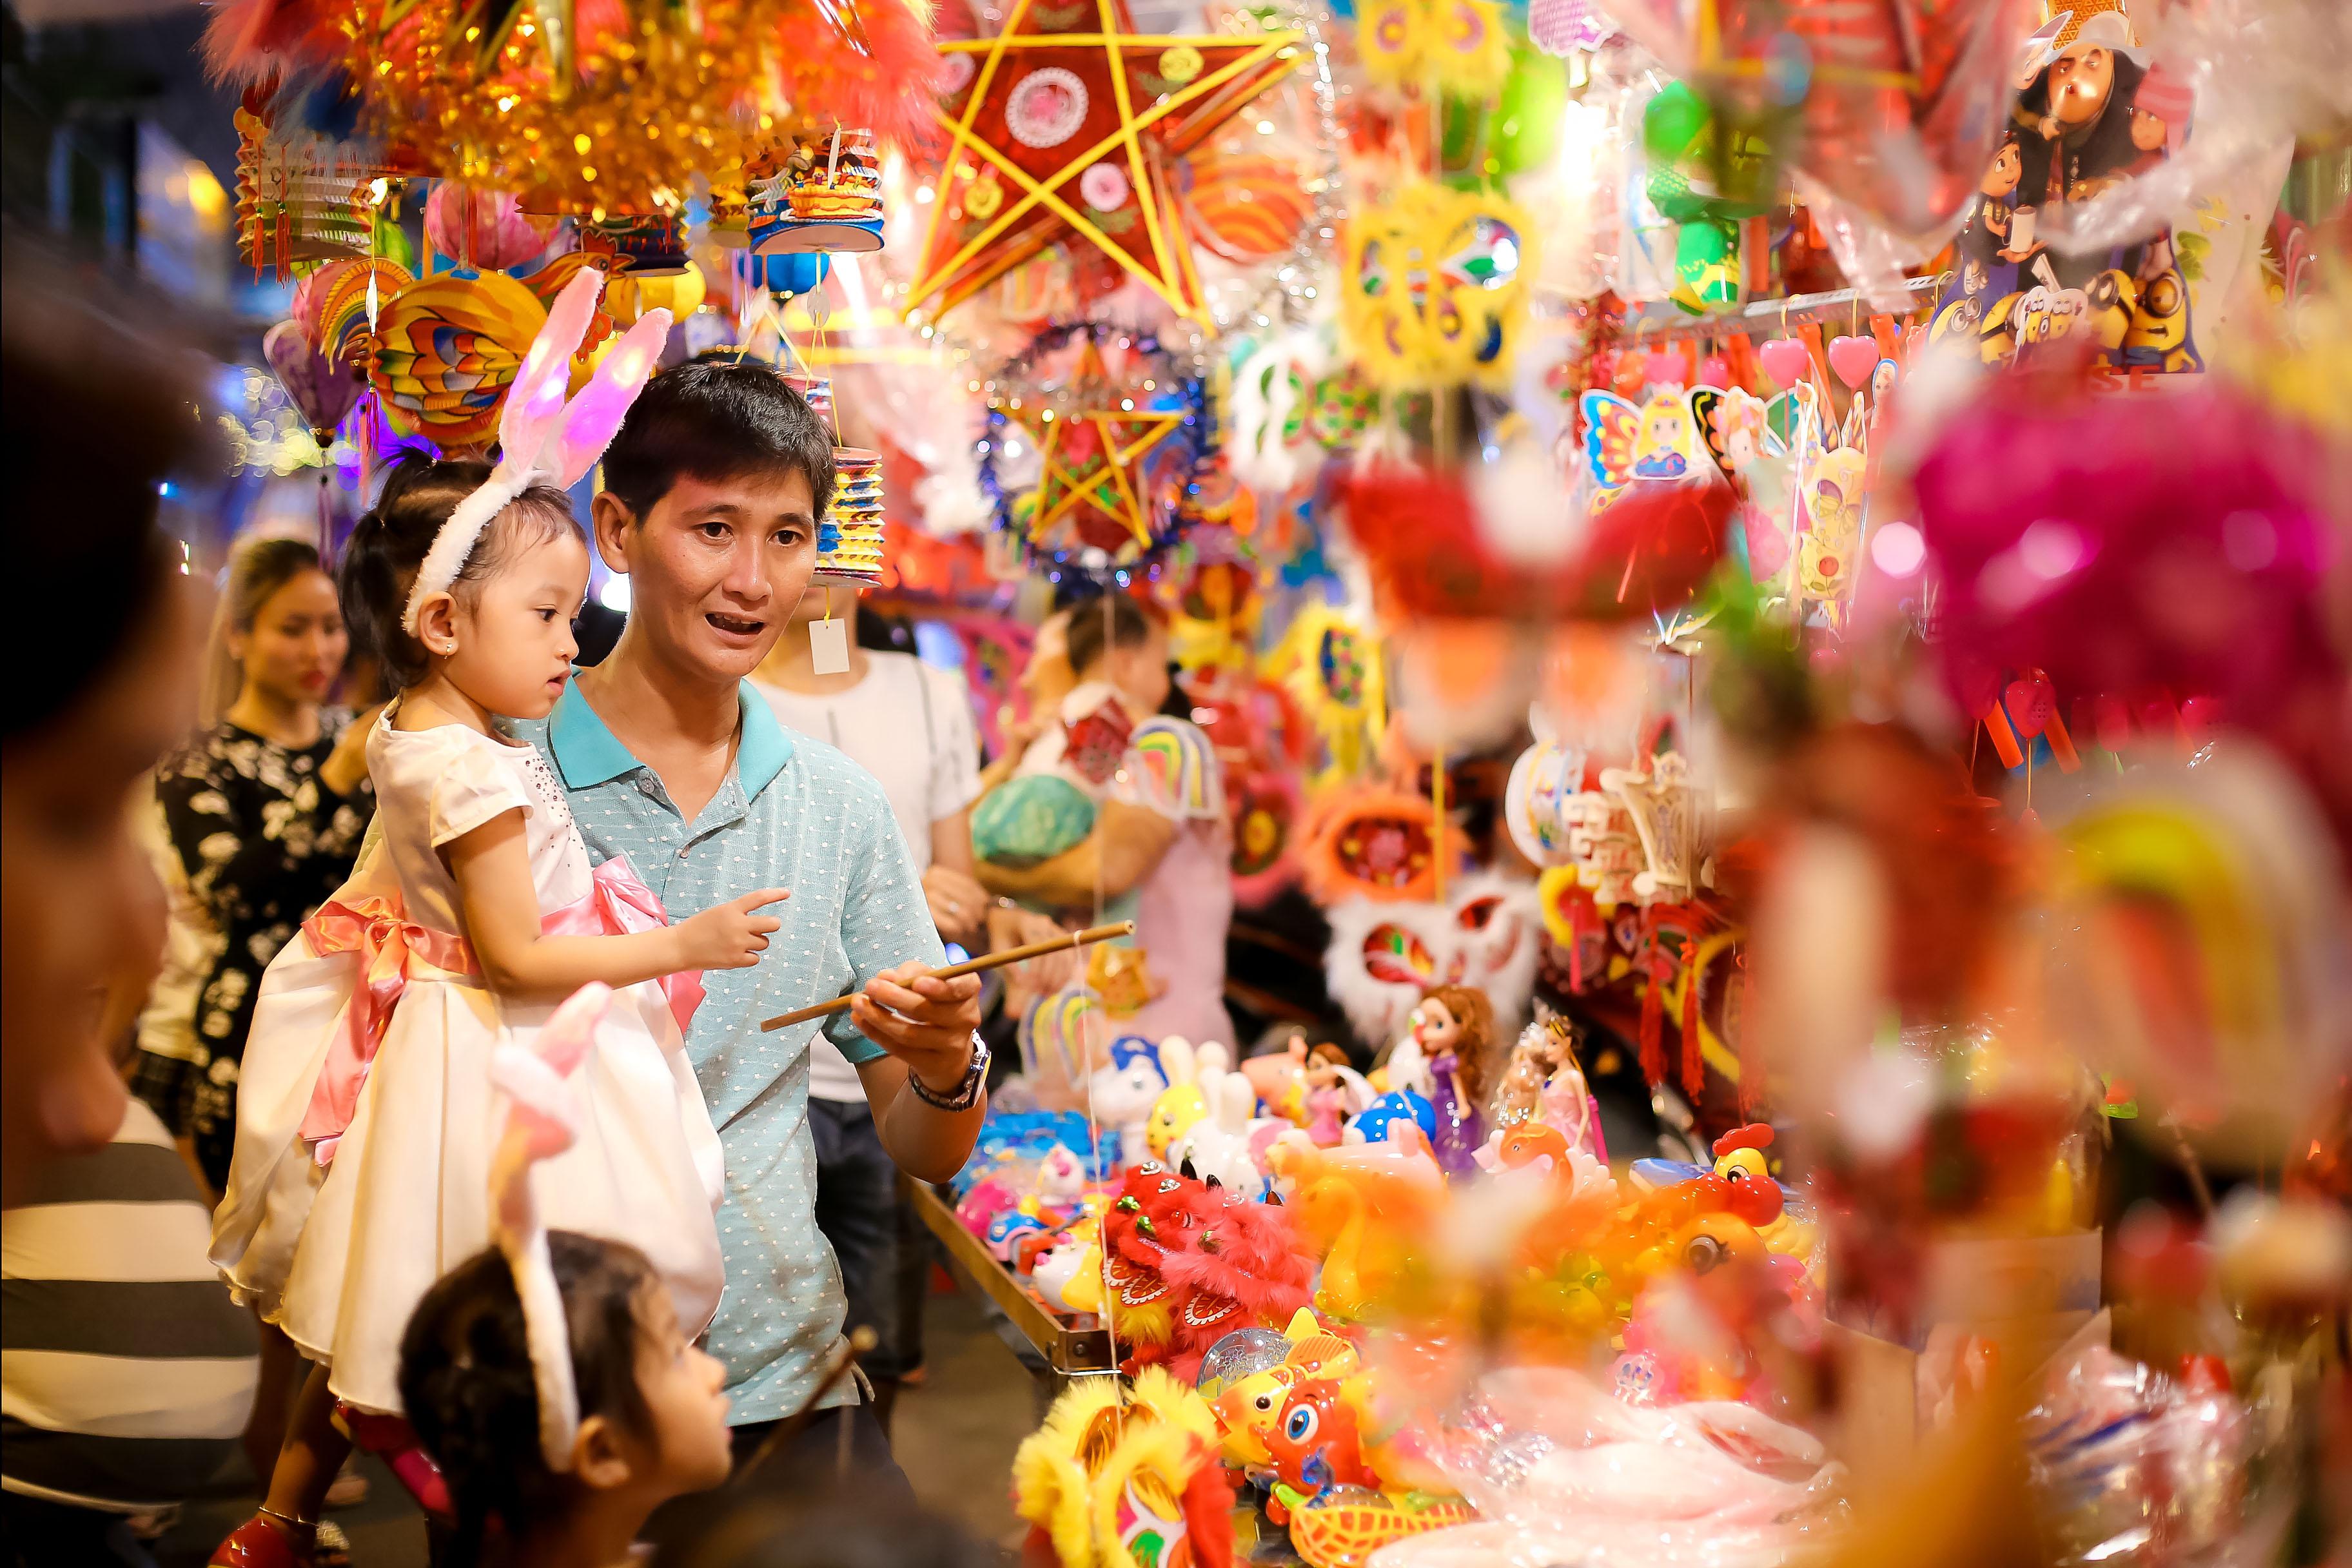 Trẻ em Sài Gòn thỏa sức vui hội trăng rằm miễn phí tại loạt địa điểm thân quen - Ảnh 11.